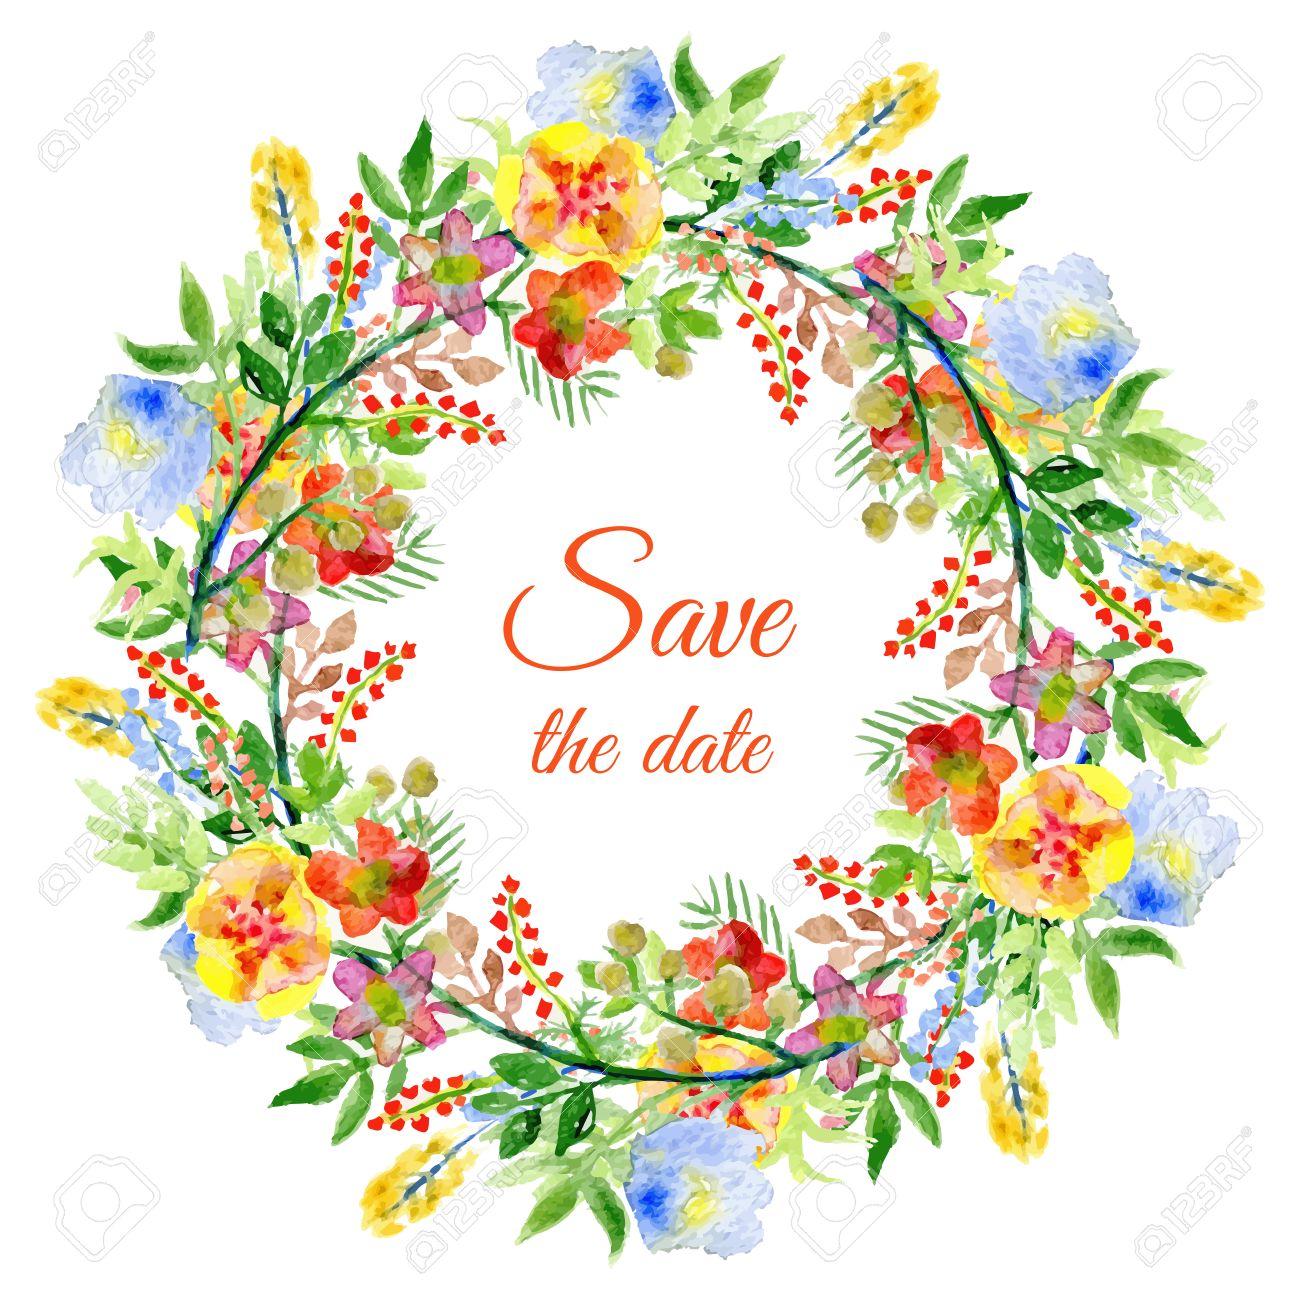 Dibujo A Lapiz Ofrenda Floral Vector Con Ramas Verdes Hojas Y Flores